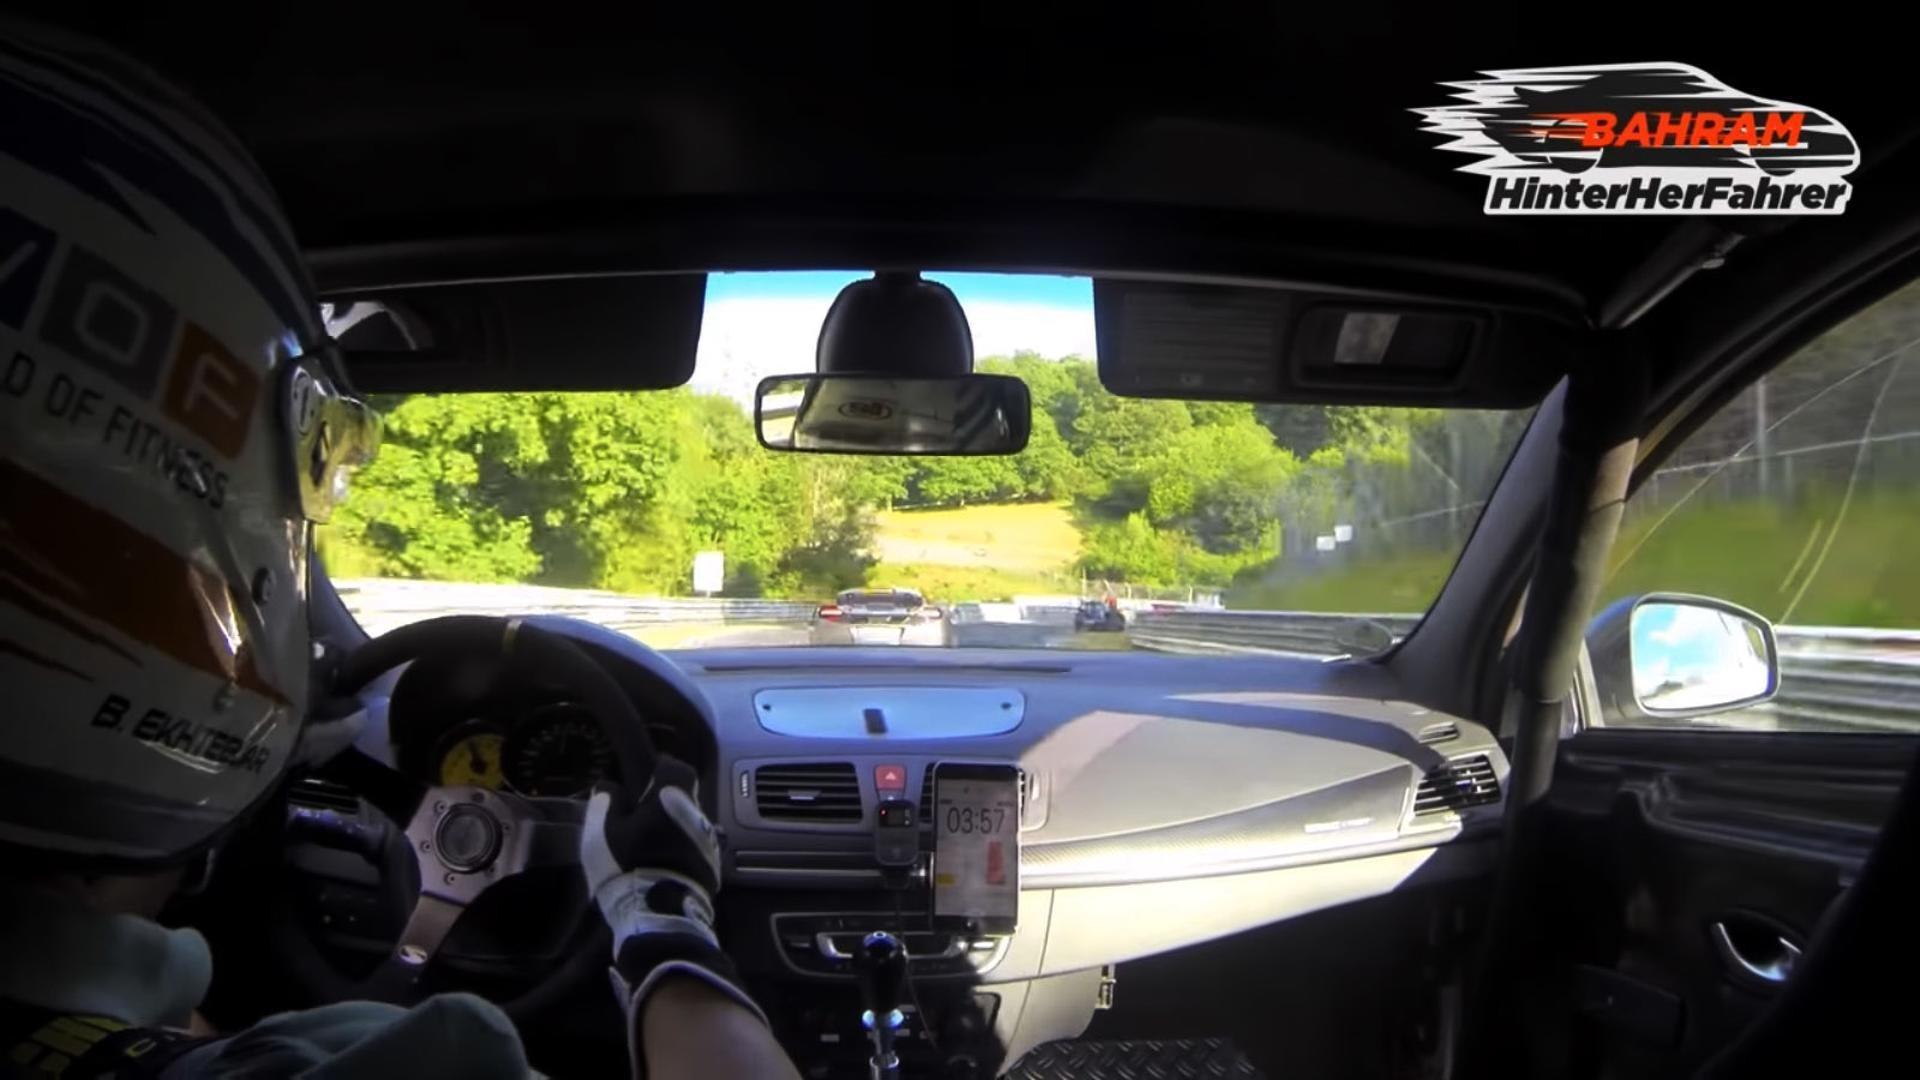 Renault Mégane R.S. prend en chasse une McLaren MP4-12C ?